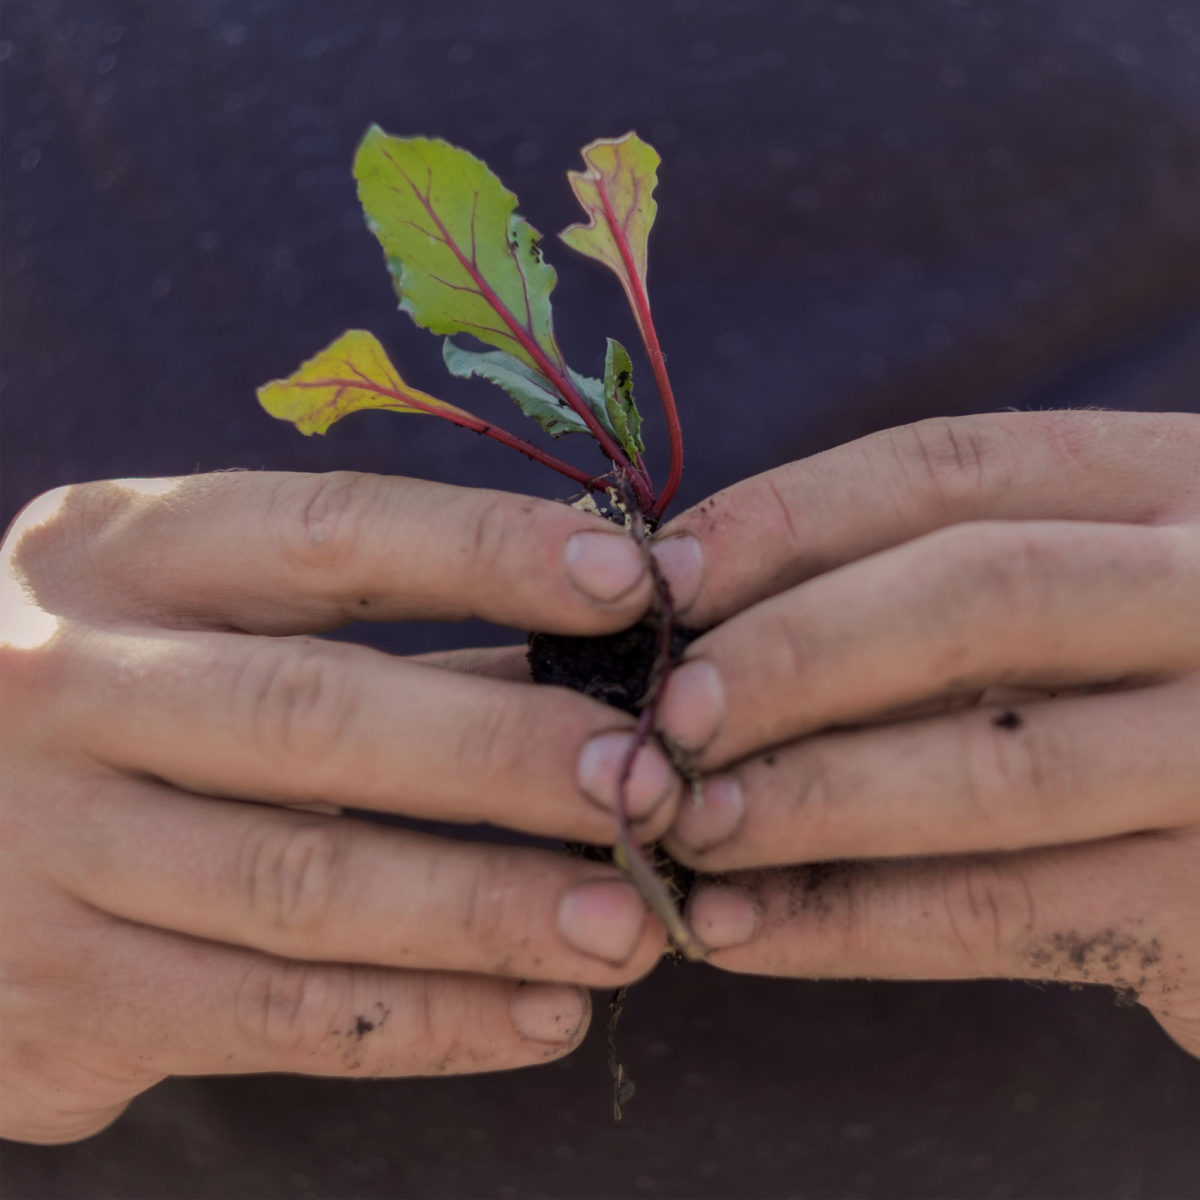 green health fingers gardener plant